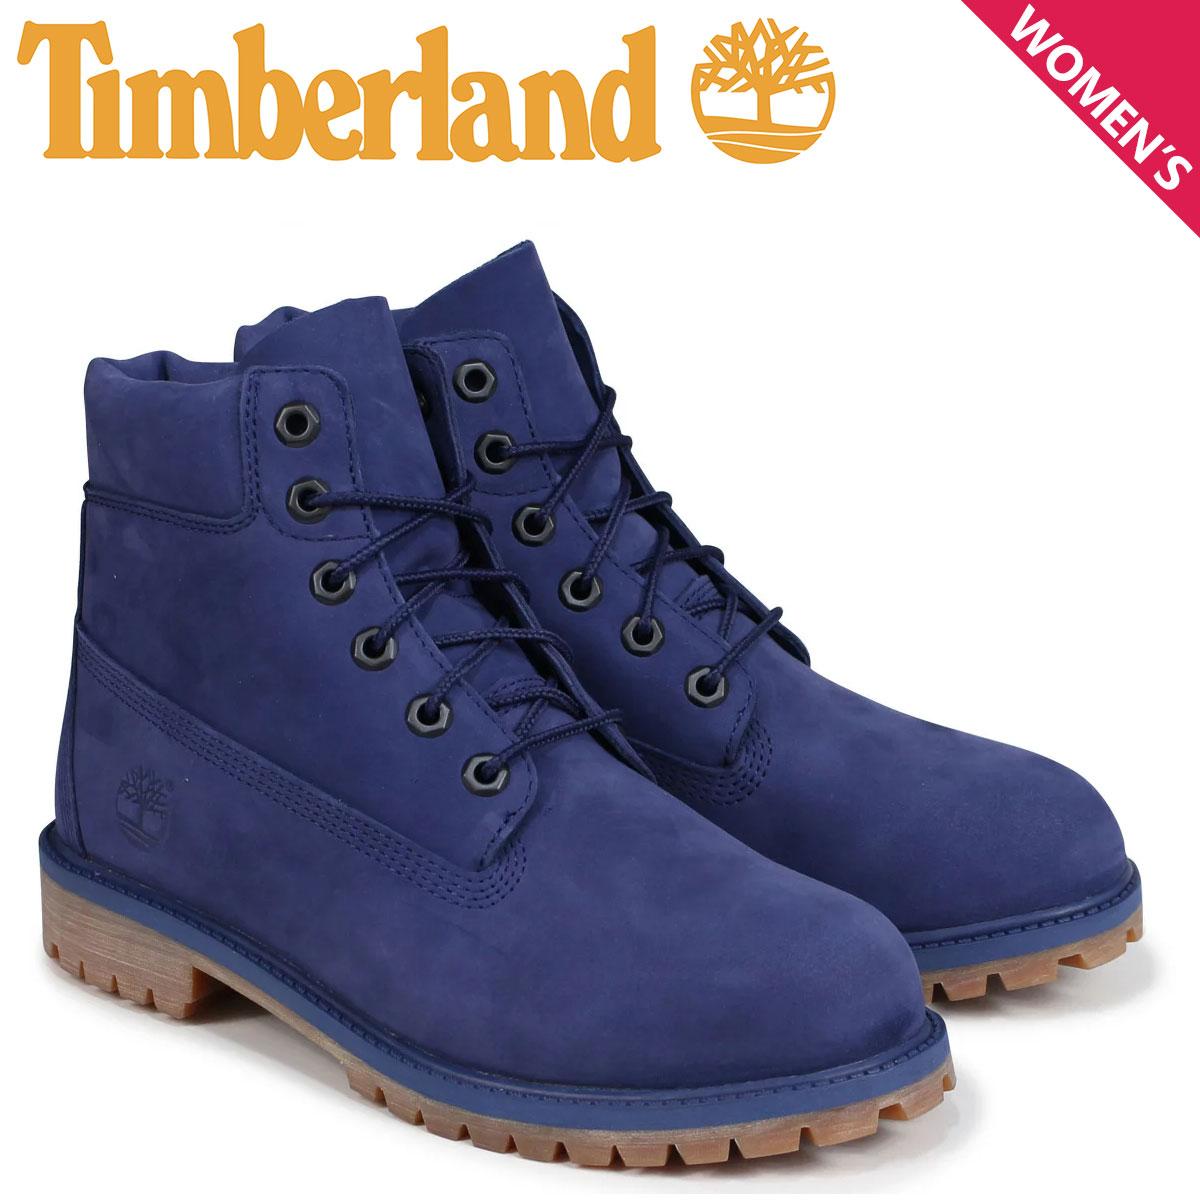 ティンバーランド Timberland レディース ブーツ 6インチ キッズ JUNIOR 6INCHI PREMIUM WATERPROOF BOOT A1VCV Wワイズ 防水 ブルー